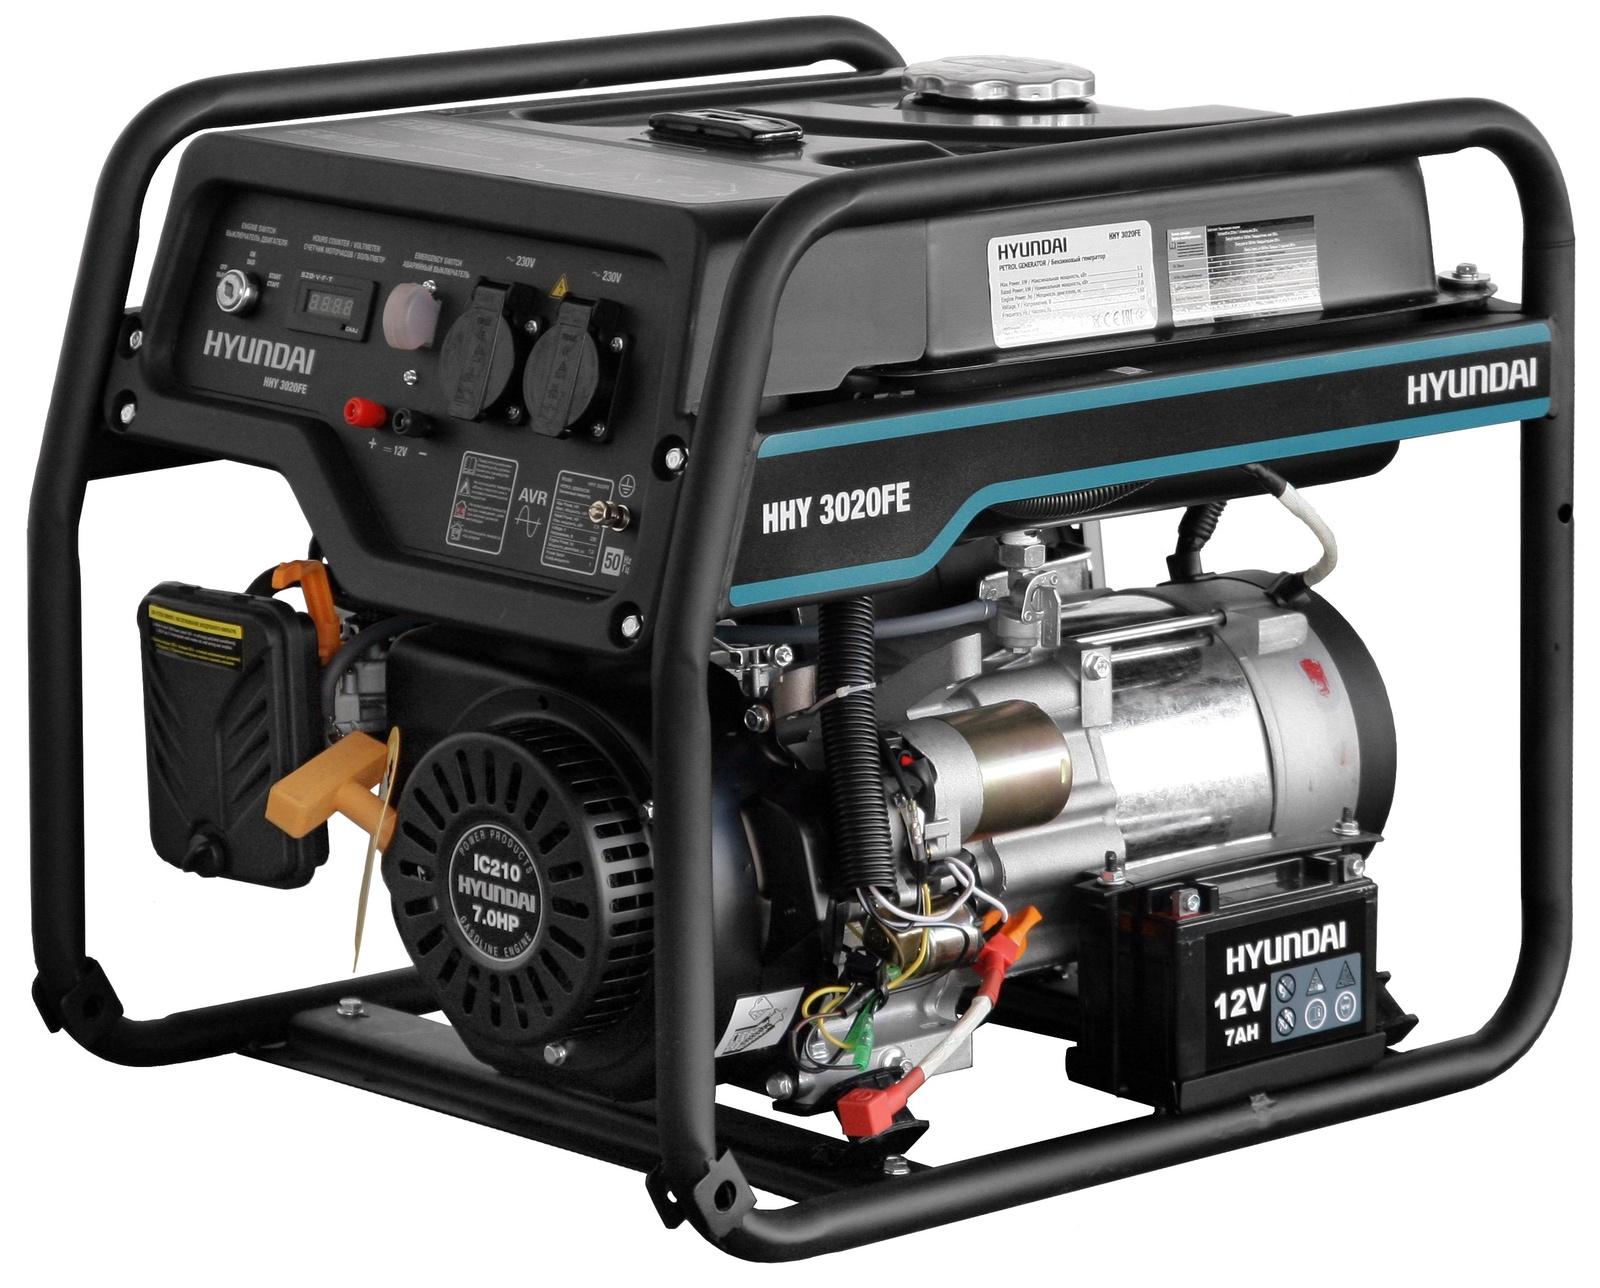 Генератор бензиновый Hyundai, hhy 3020FE, 15 л генератор бензиновый hyundai hhy 9000fe ats колеса